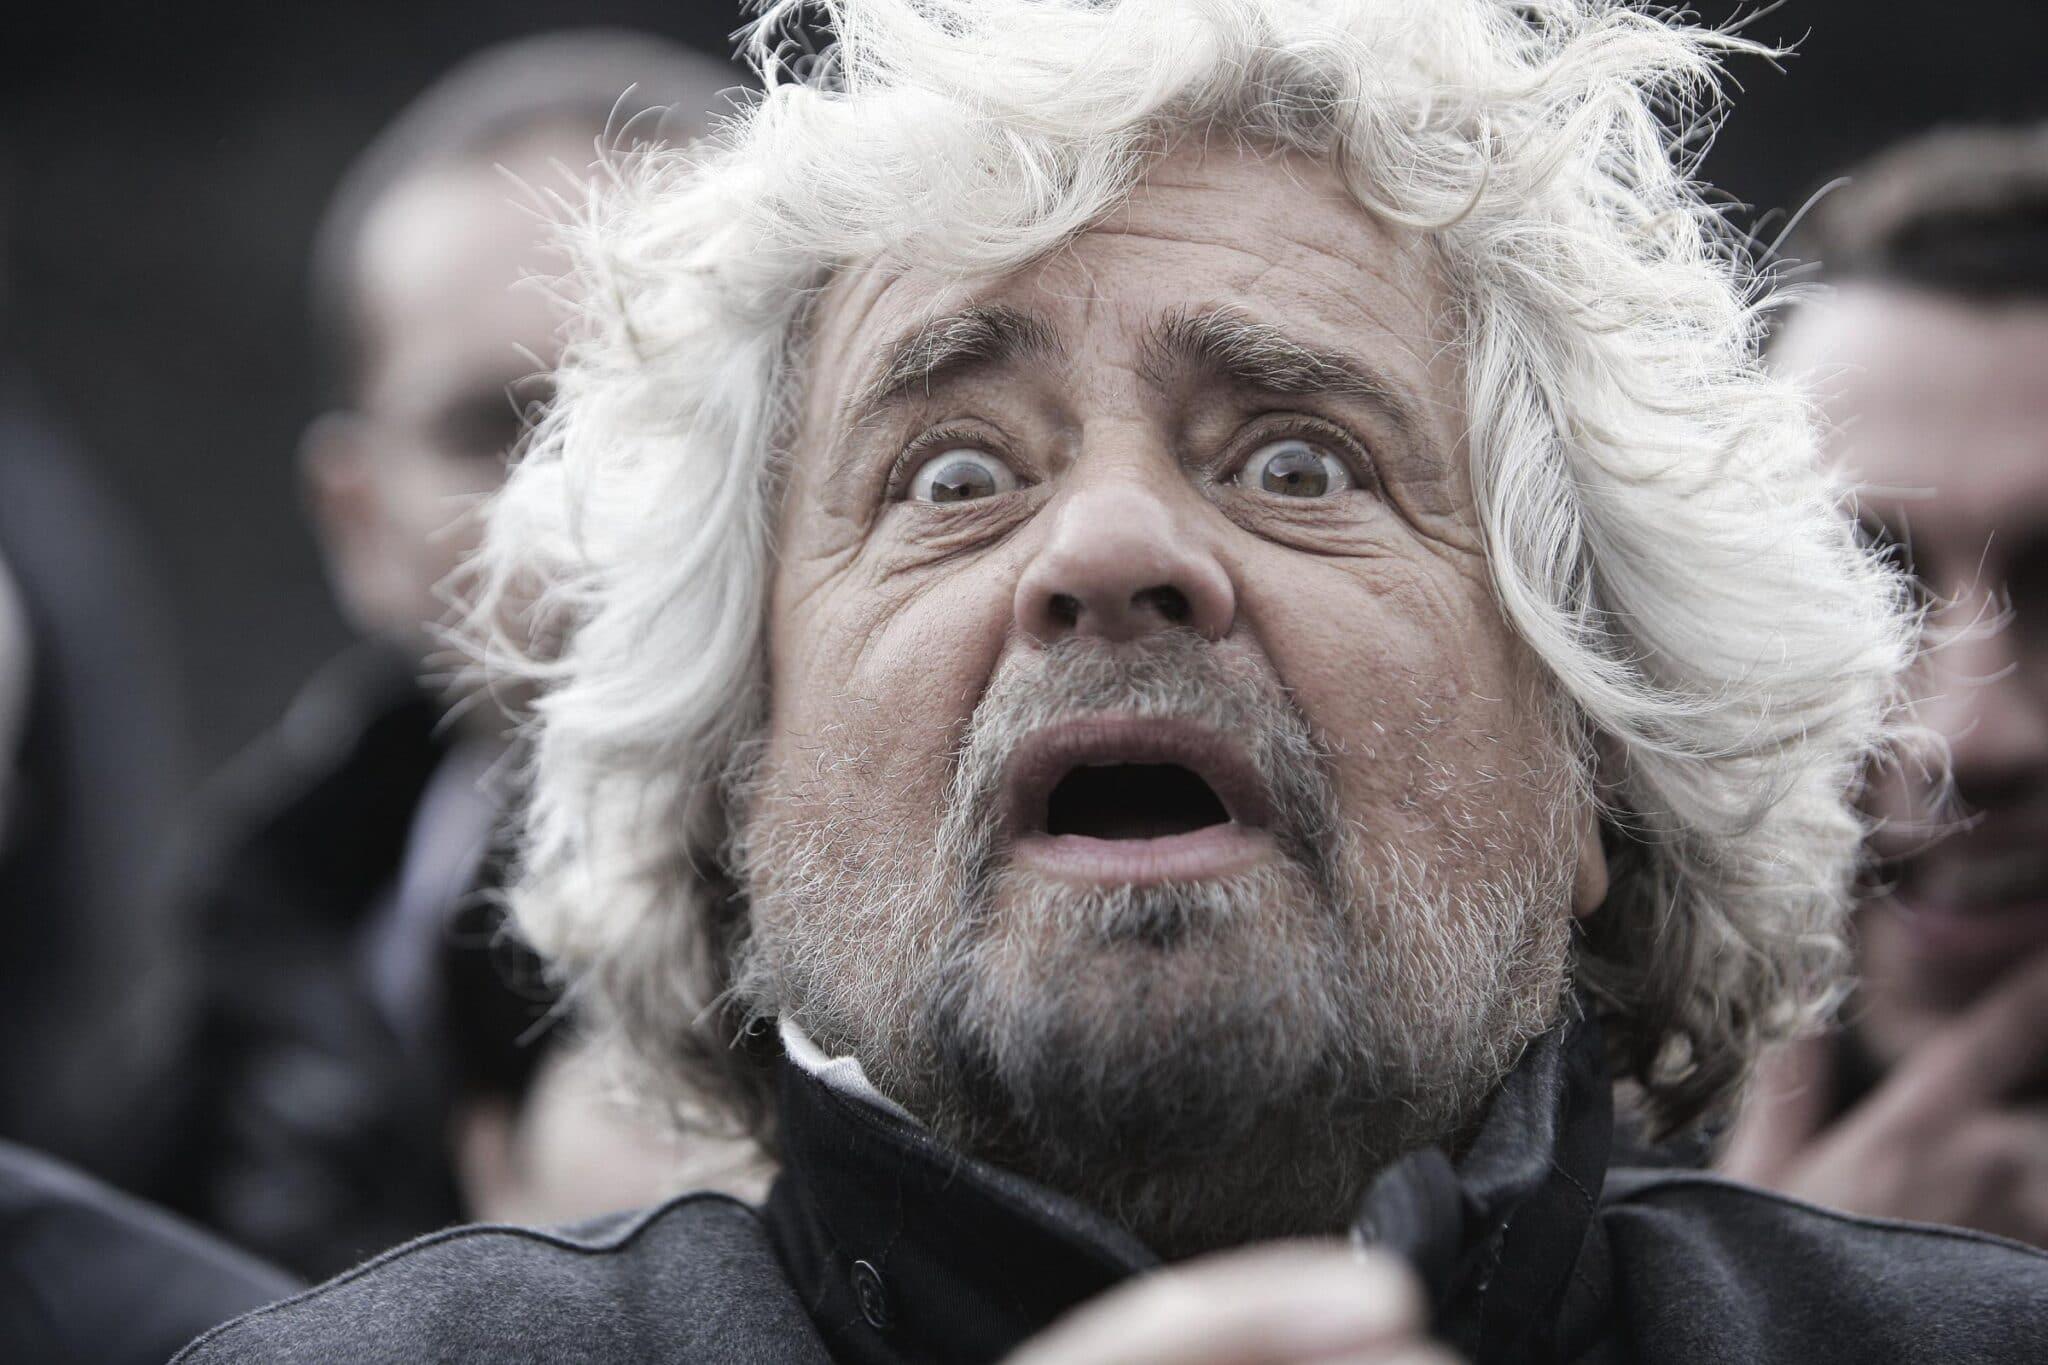 Il Fatto Quotidiano in difesa di Grillo: non è mica lui ad essere violento, è il giornalista ad essere maleducato.<br> Fini e le arrampicate sugli specchi